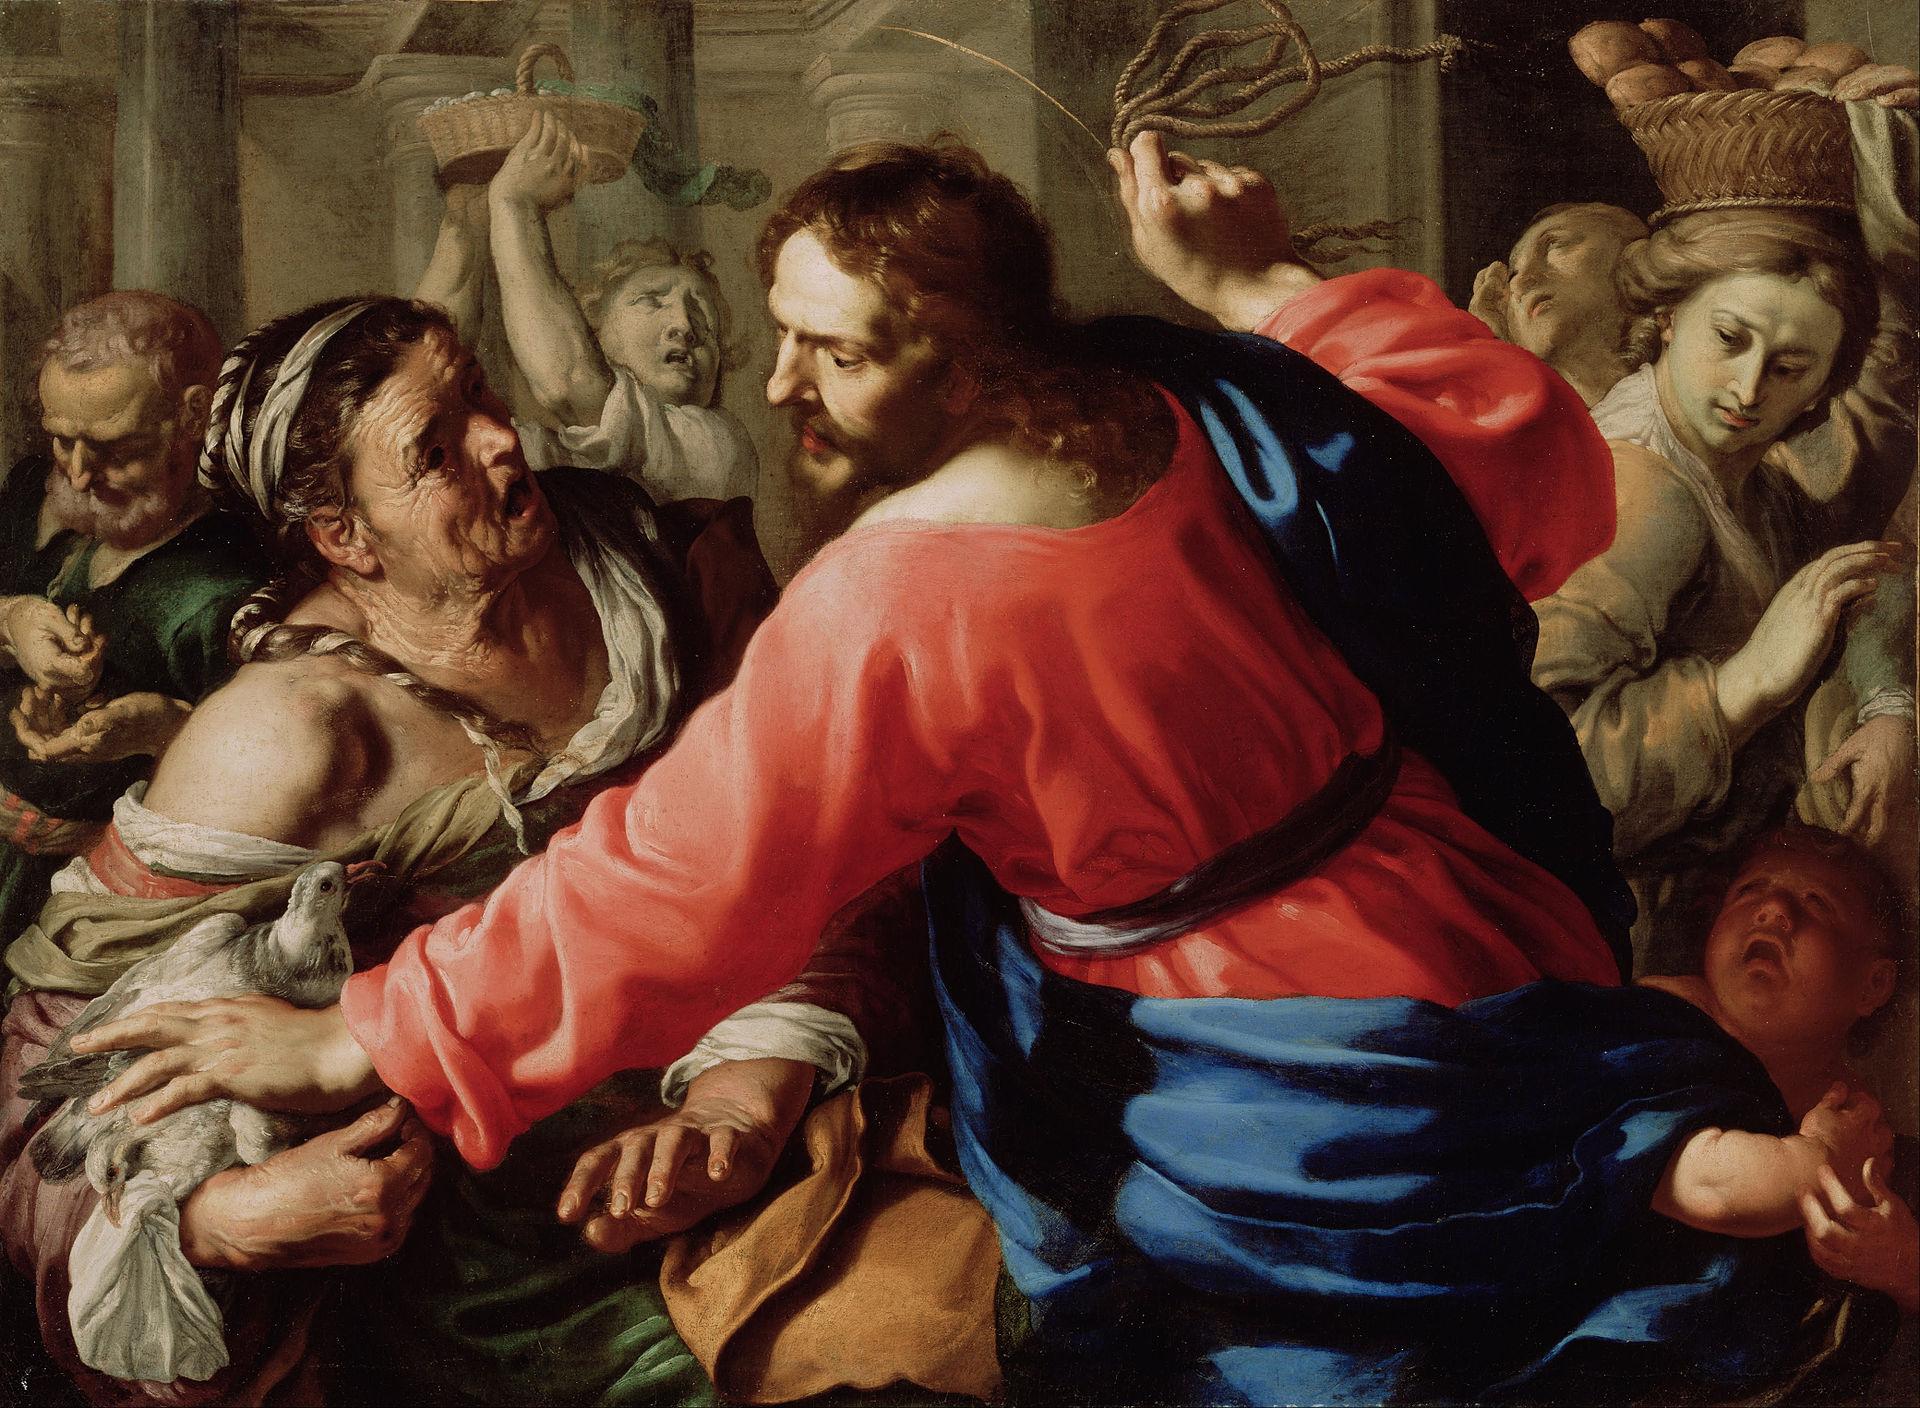 Le scandale du Dieu jaloux